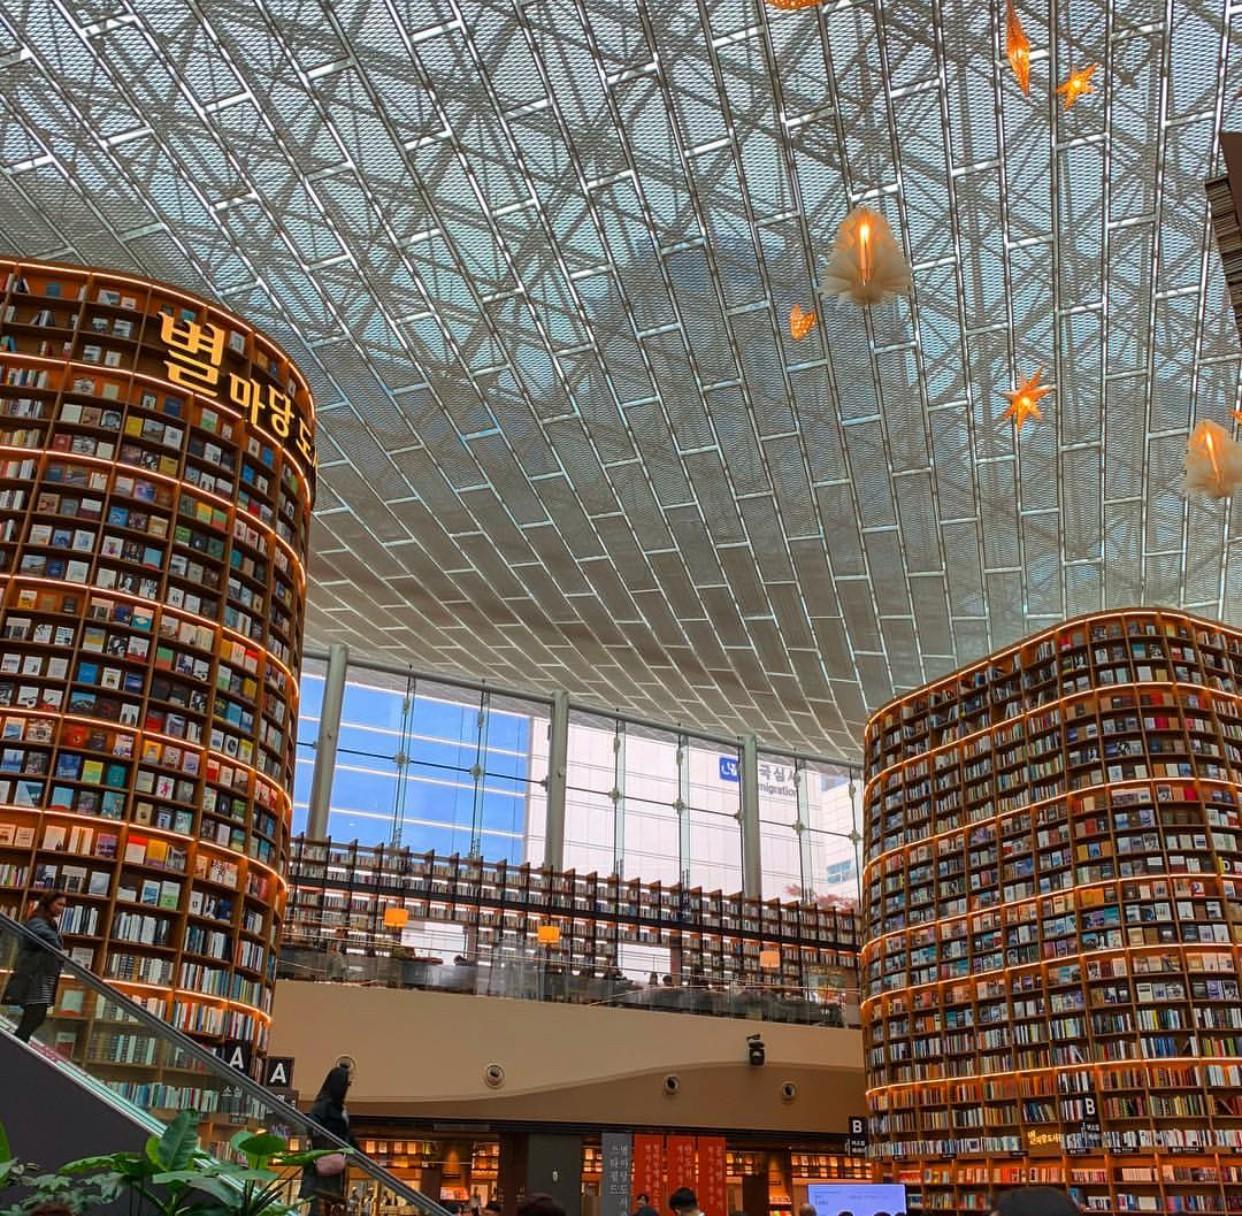 Thư viện khổng lồ nằm ở tận Seoul nhưng bạn trẻ Việt Nam nào đến đây cũng phải check-in cho bằng được! - Ảnh 9.